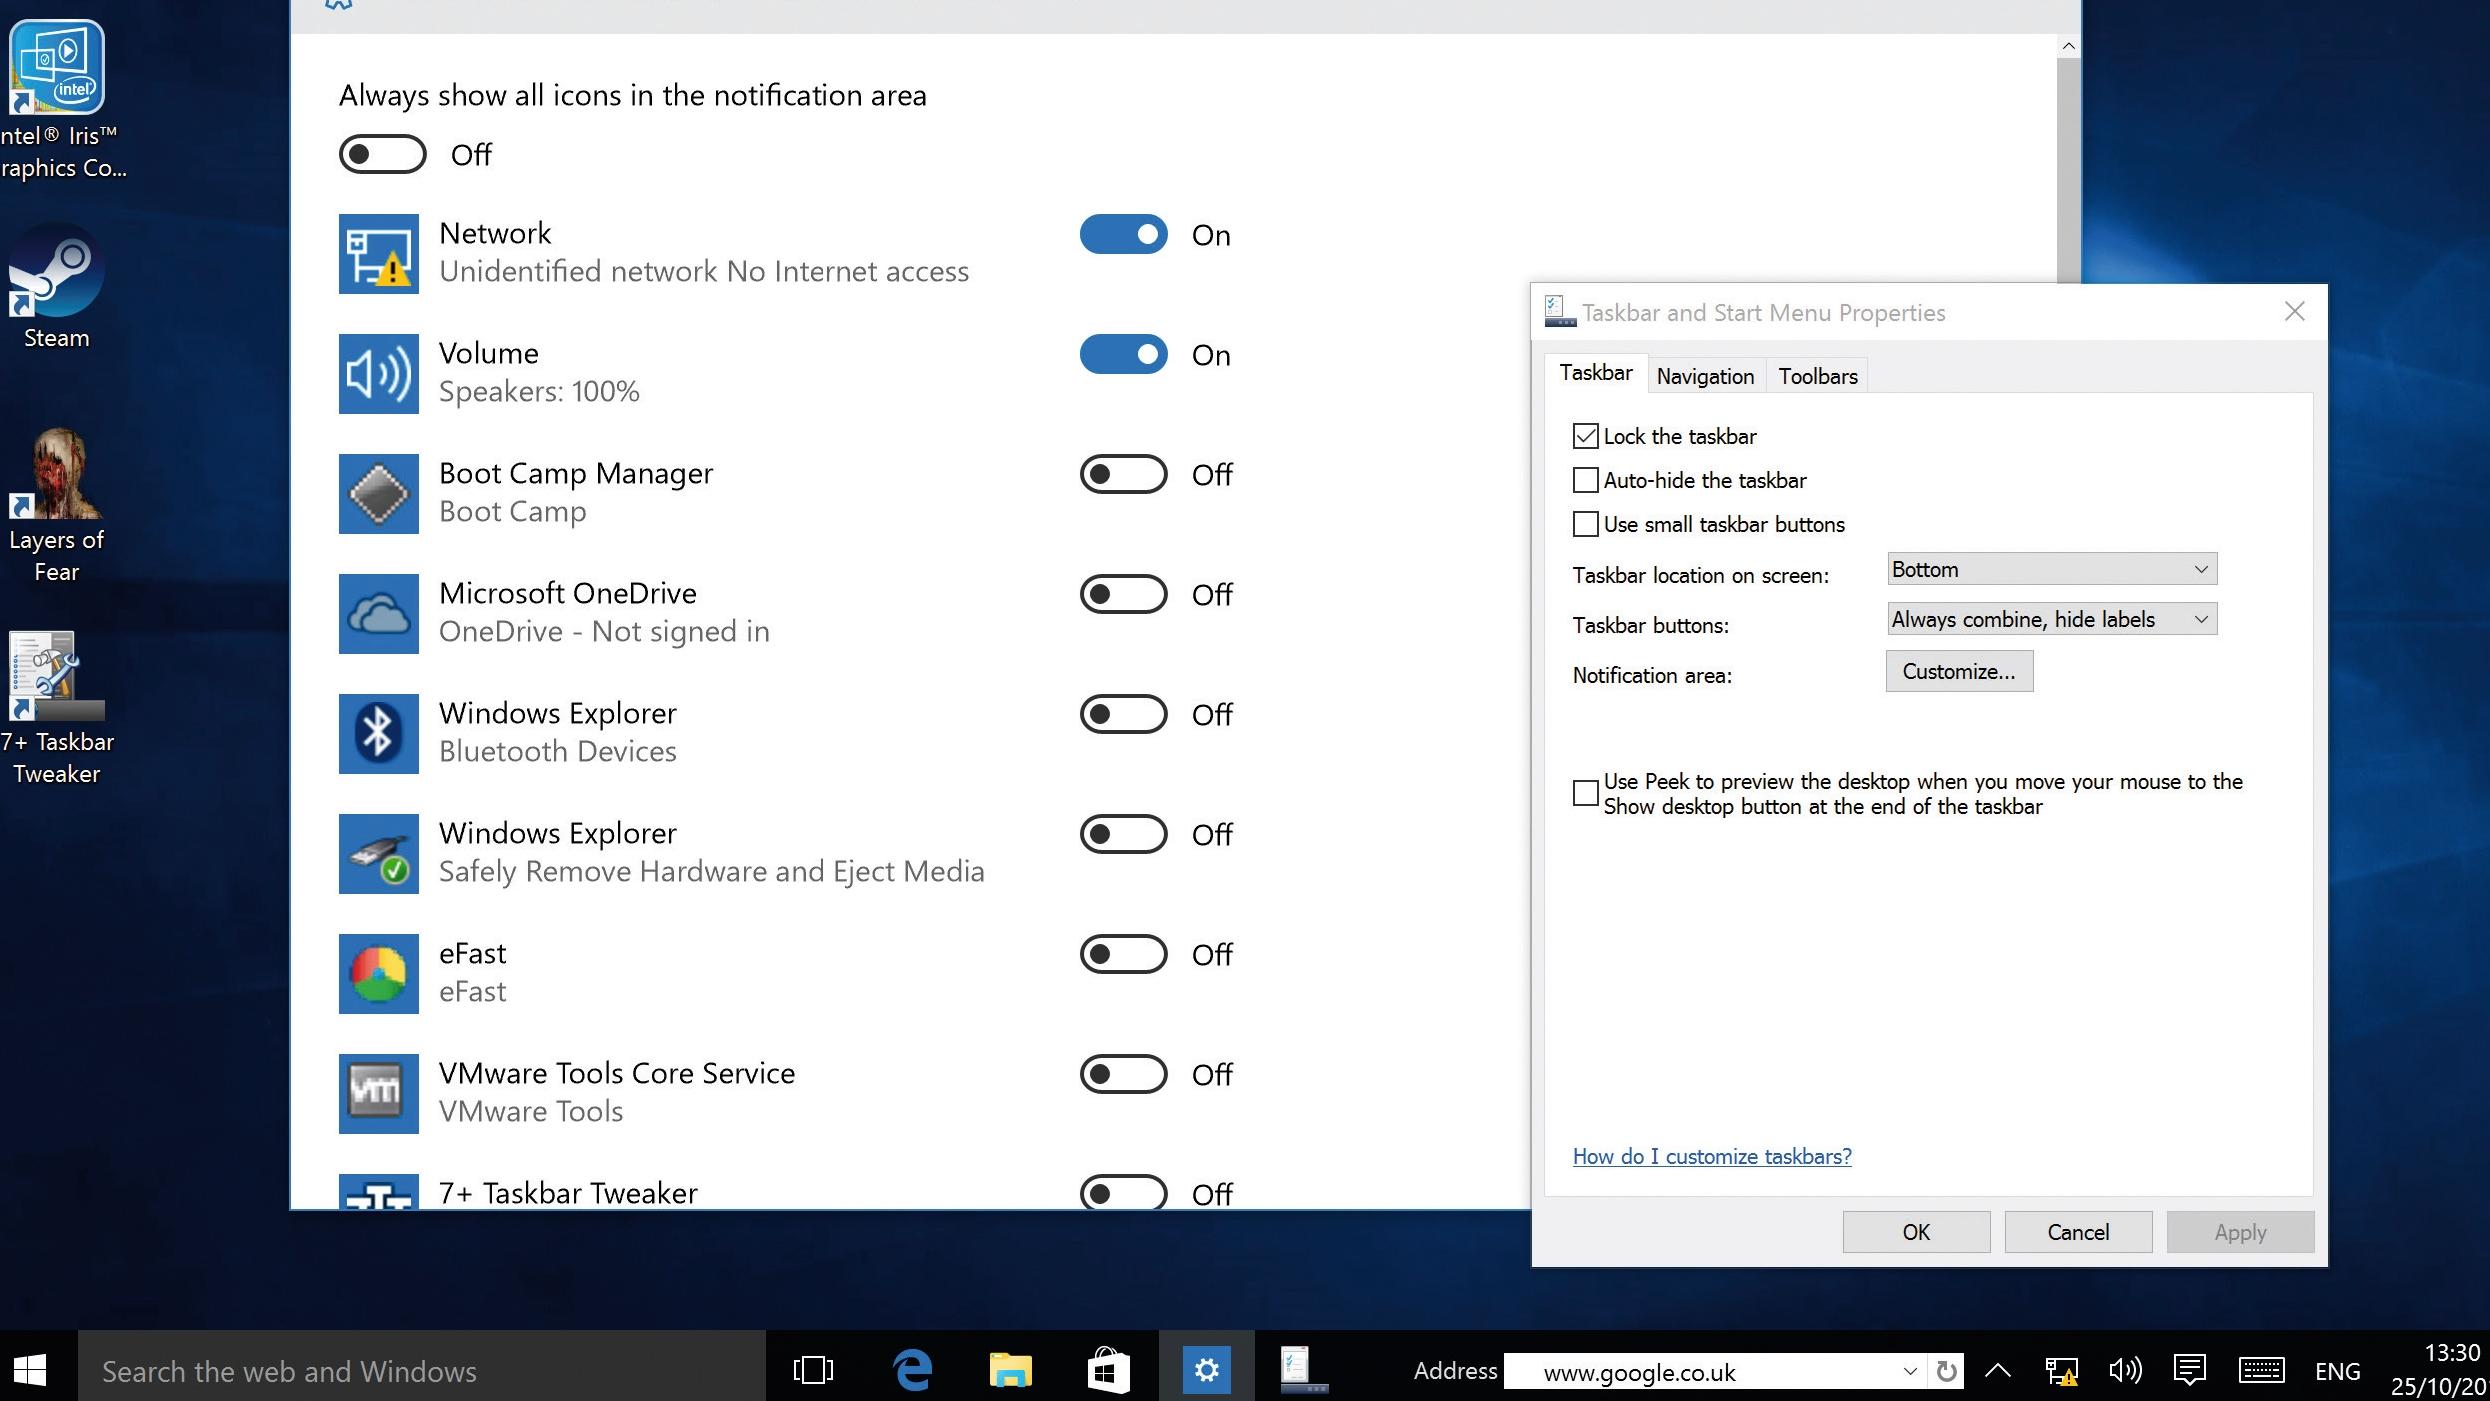 How to customise the Windows 10 taskbar | TechRadar